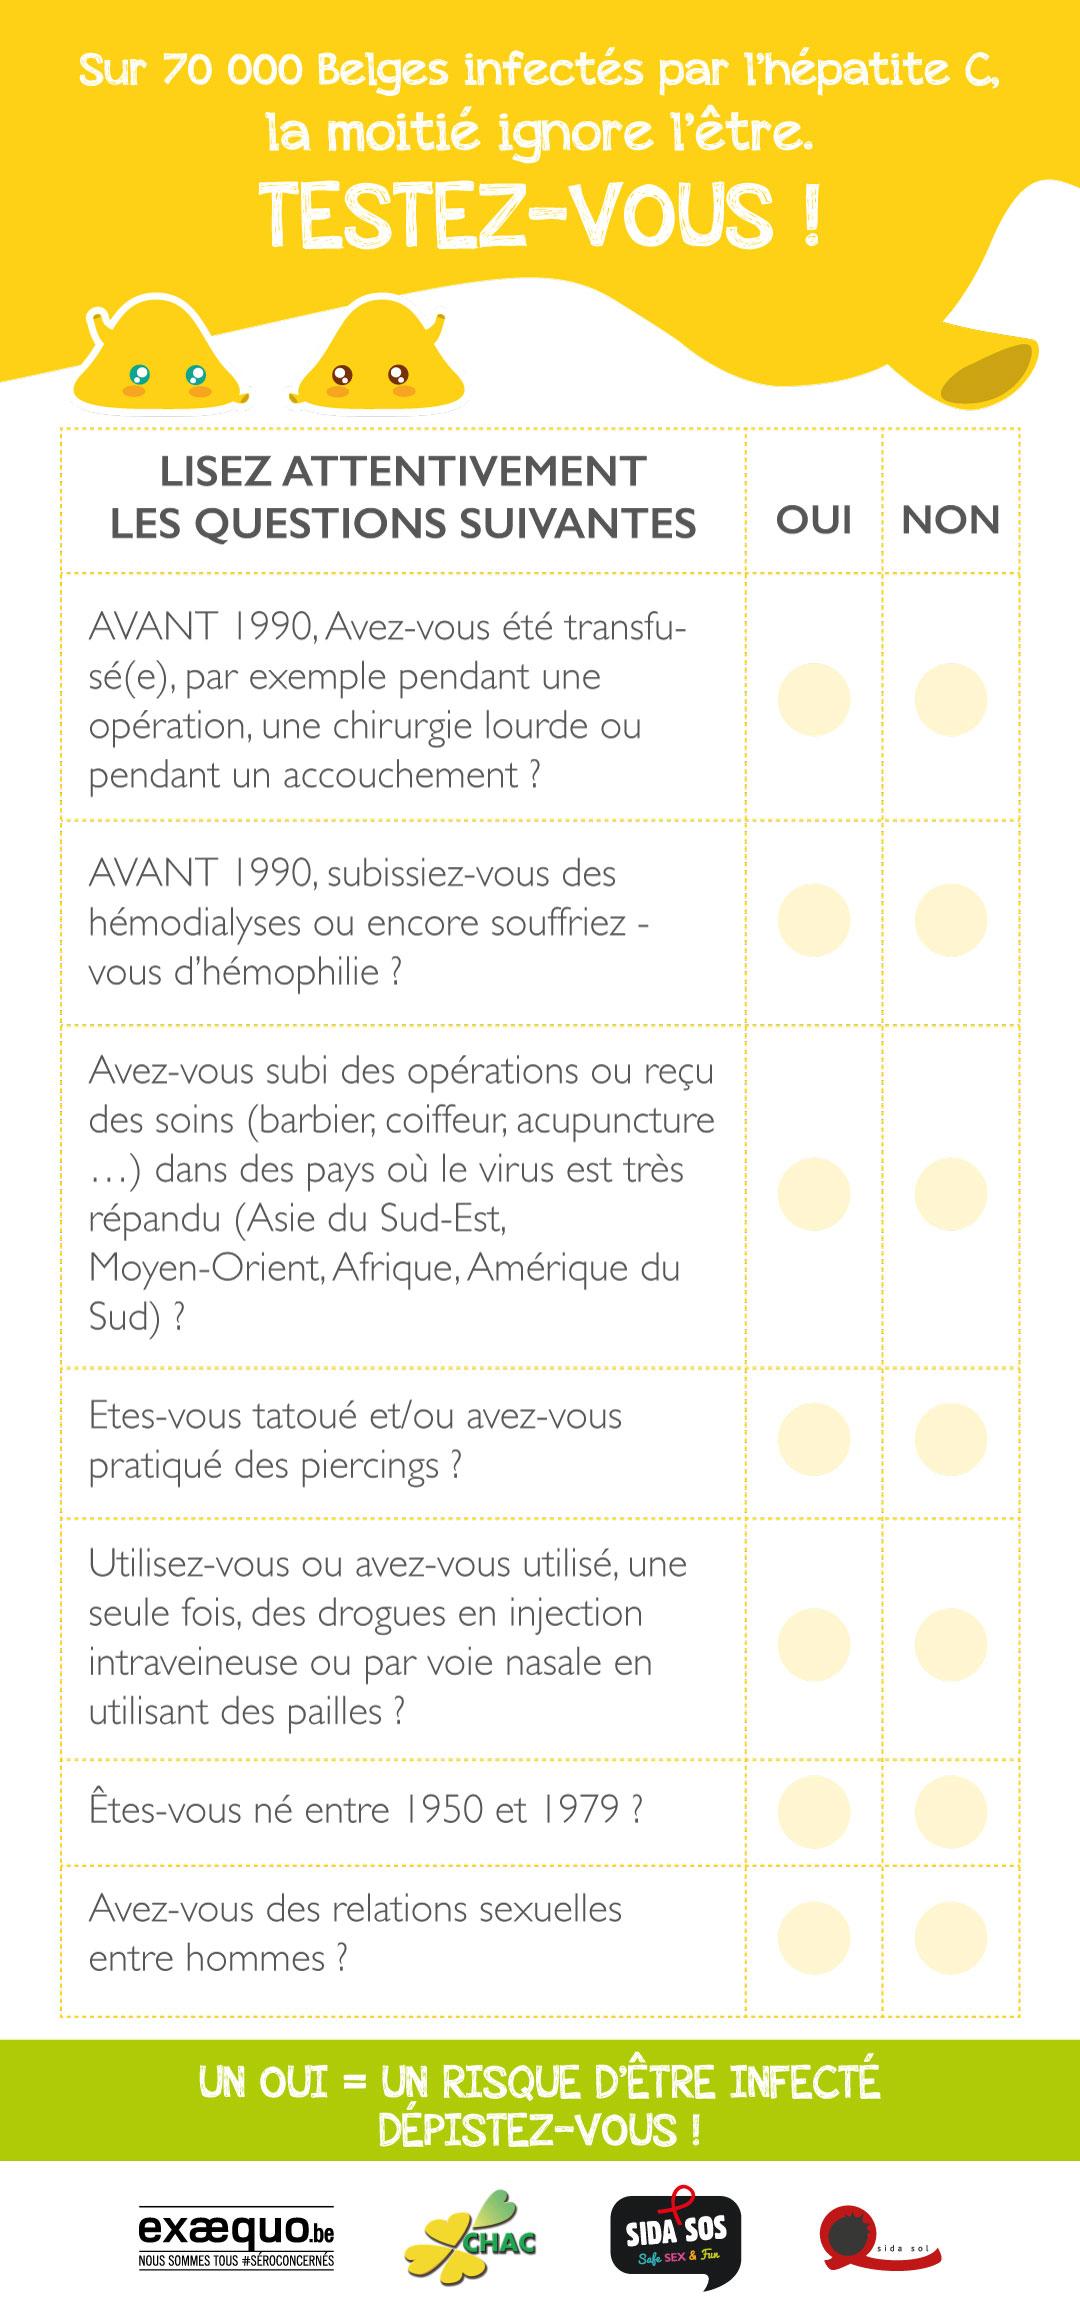 Hépatite C, questionnaire, dépistage, réponses, dépistage